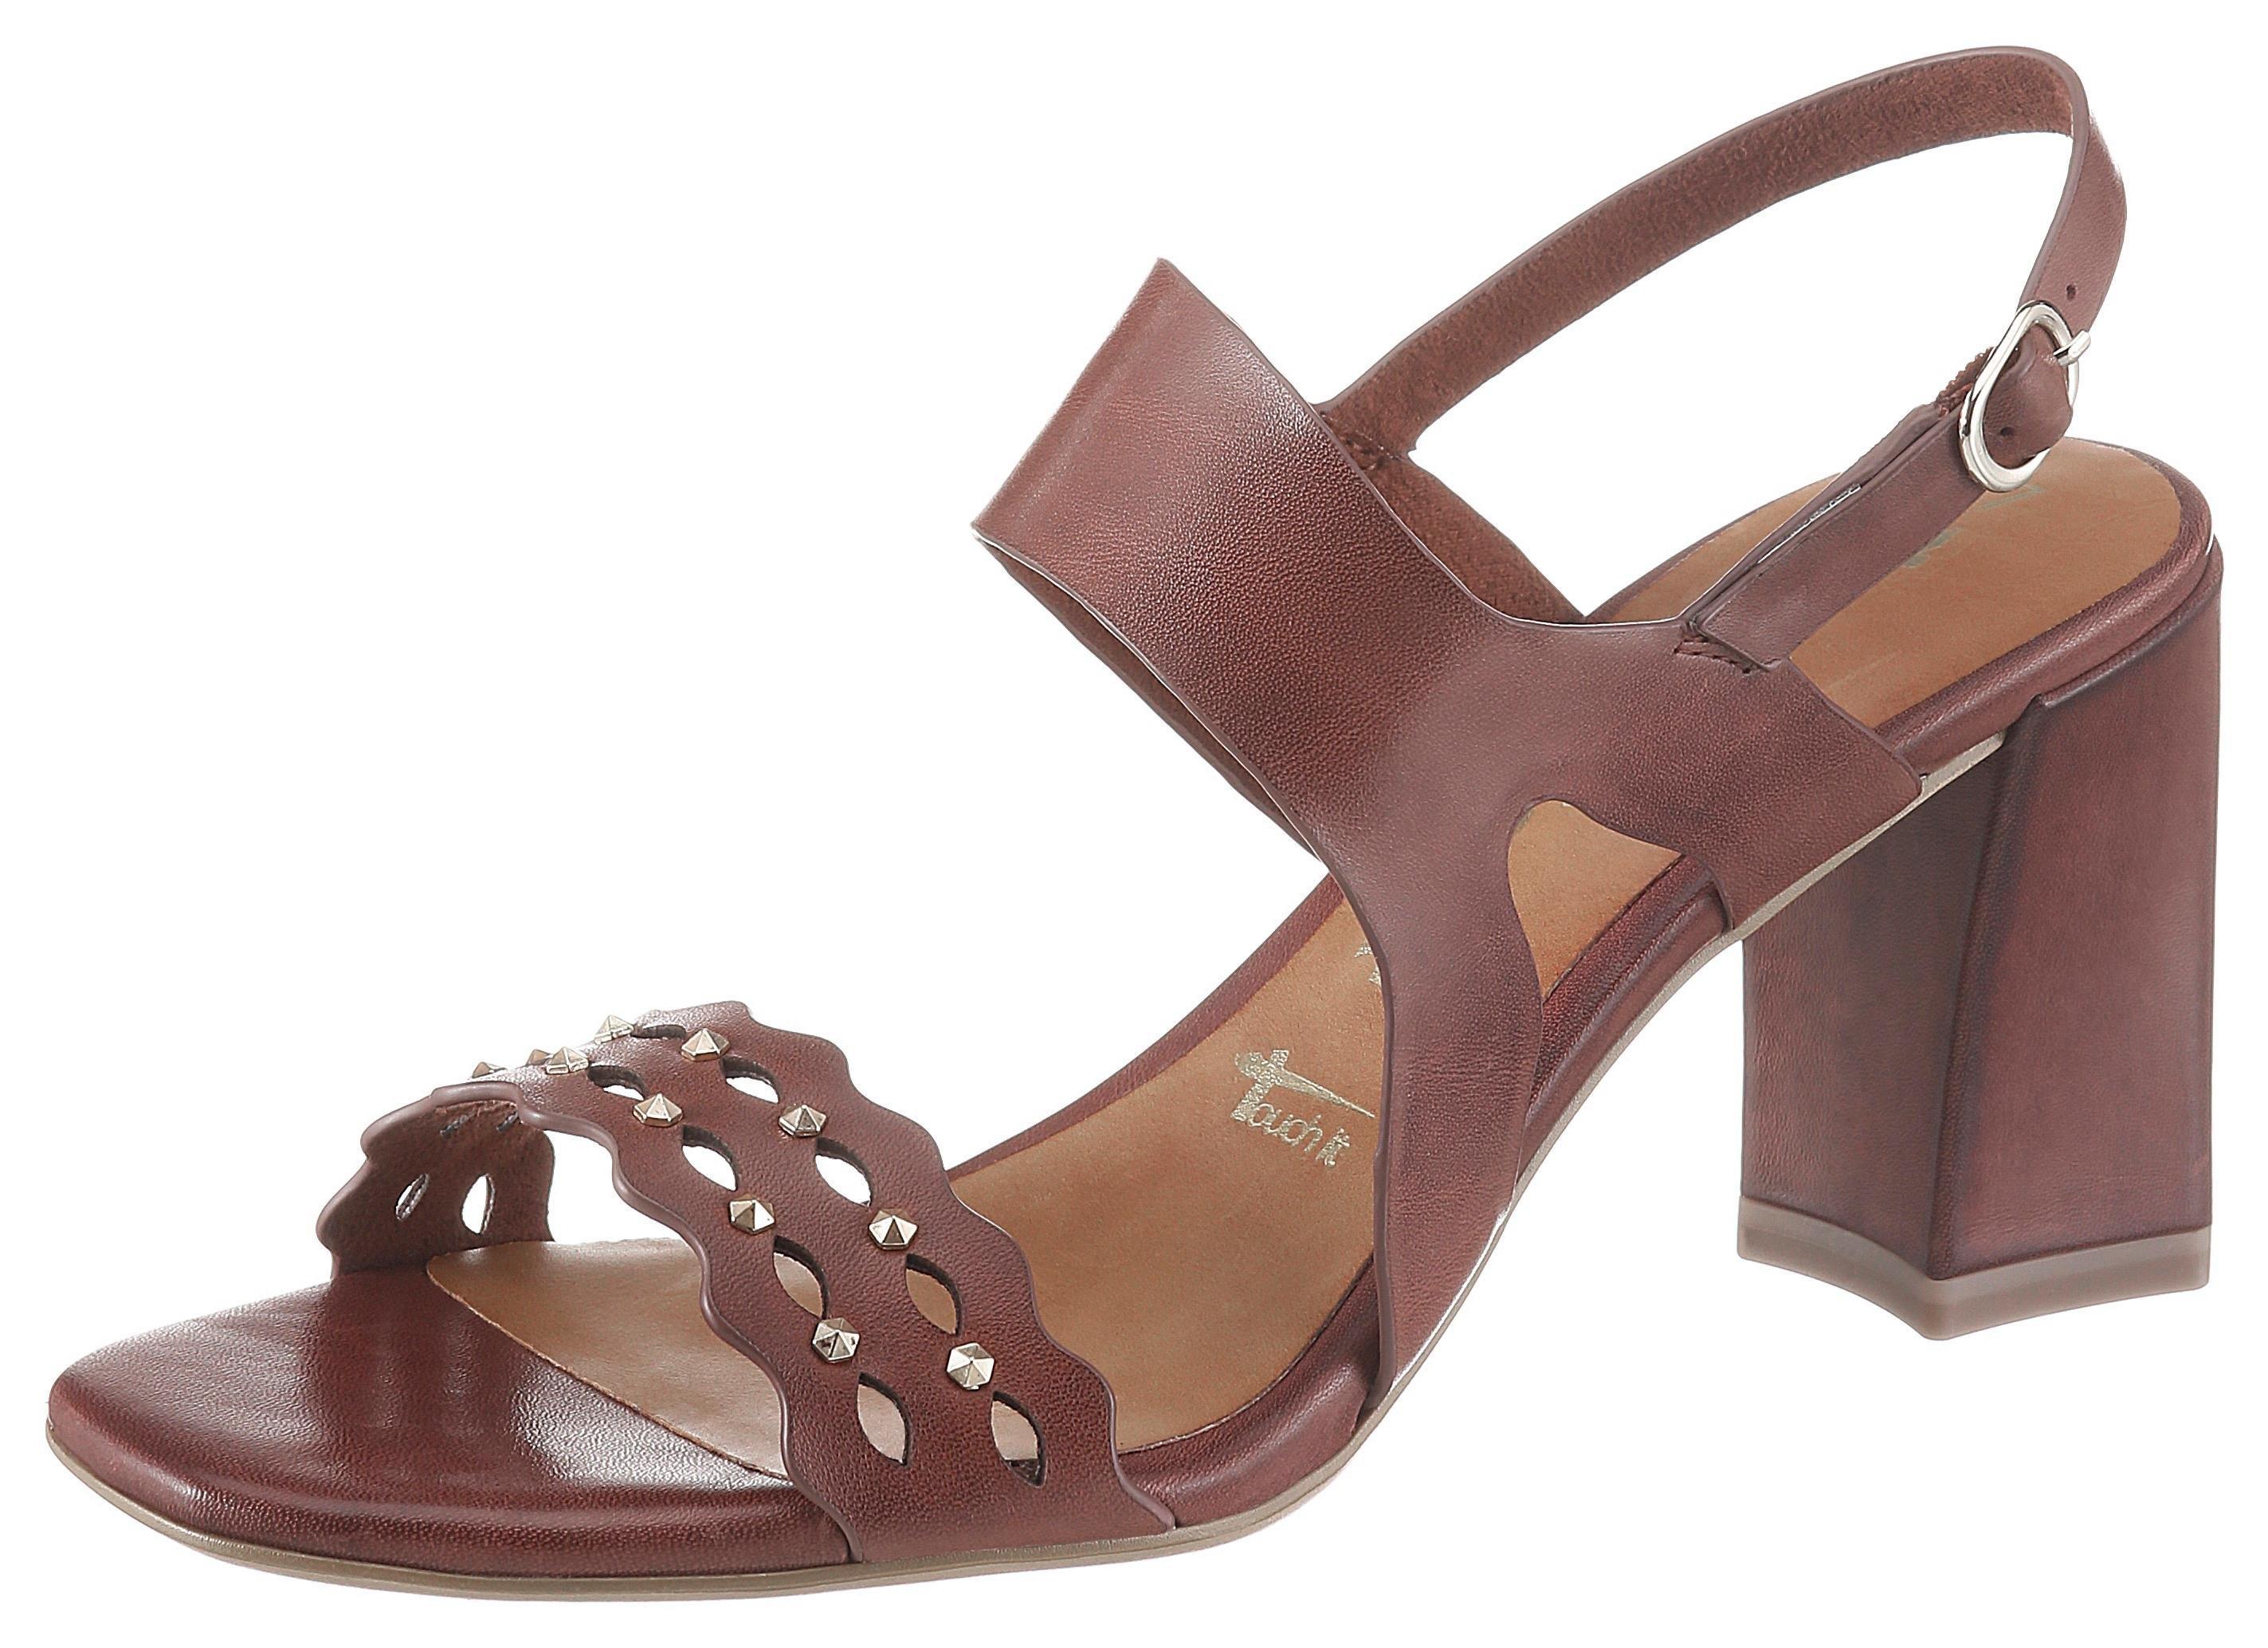 Tamaris sandaaltjes nu online kopen bij OTTO